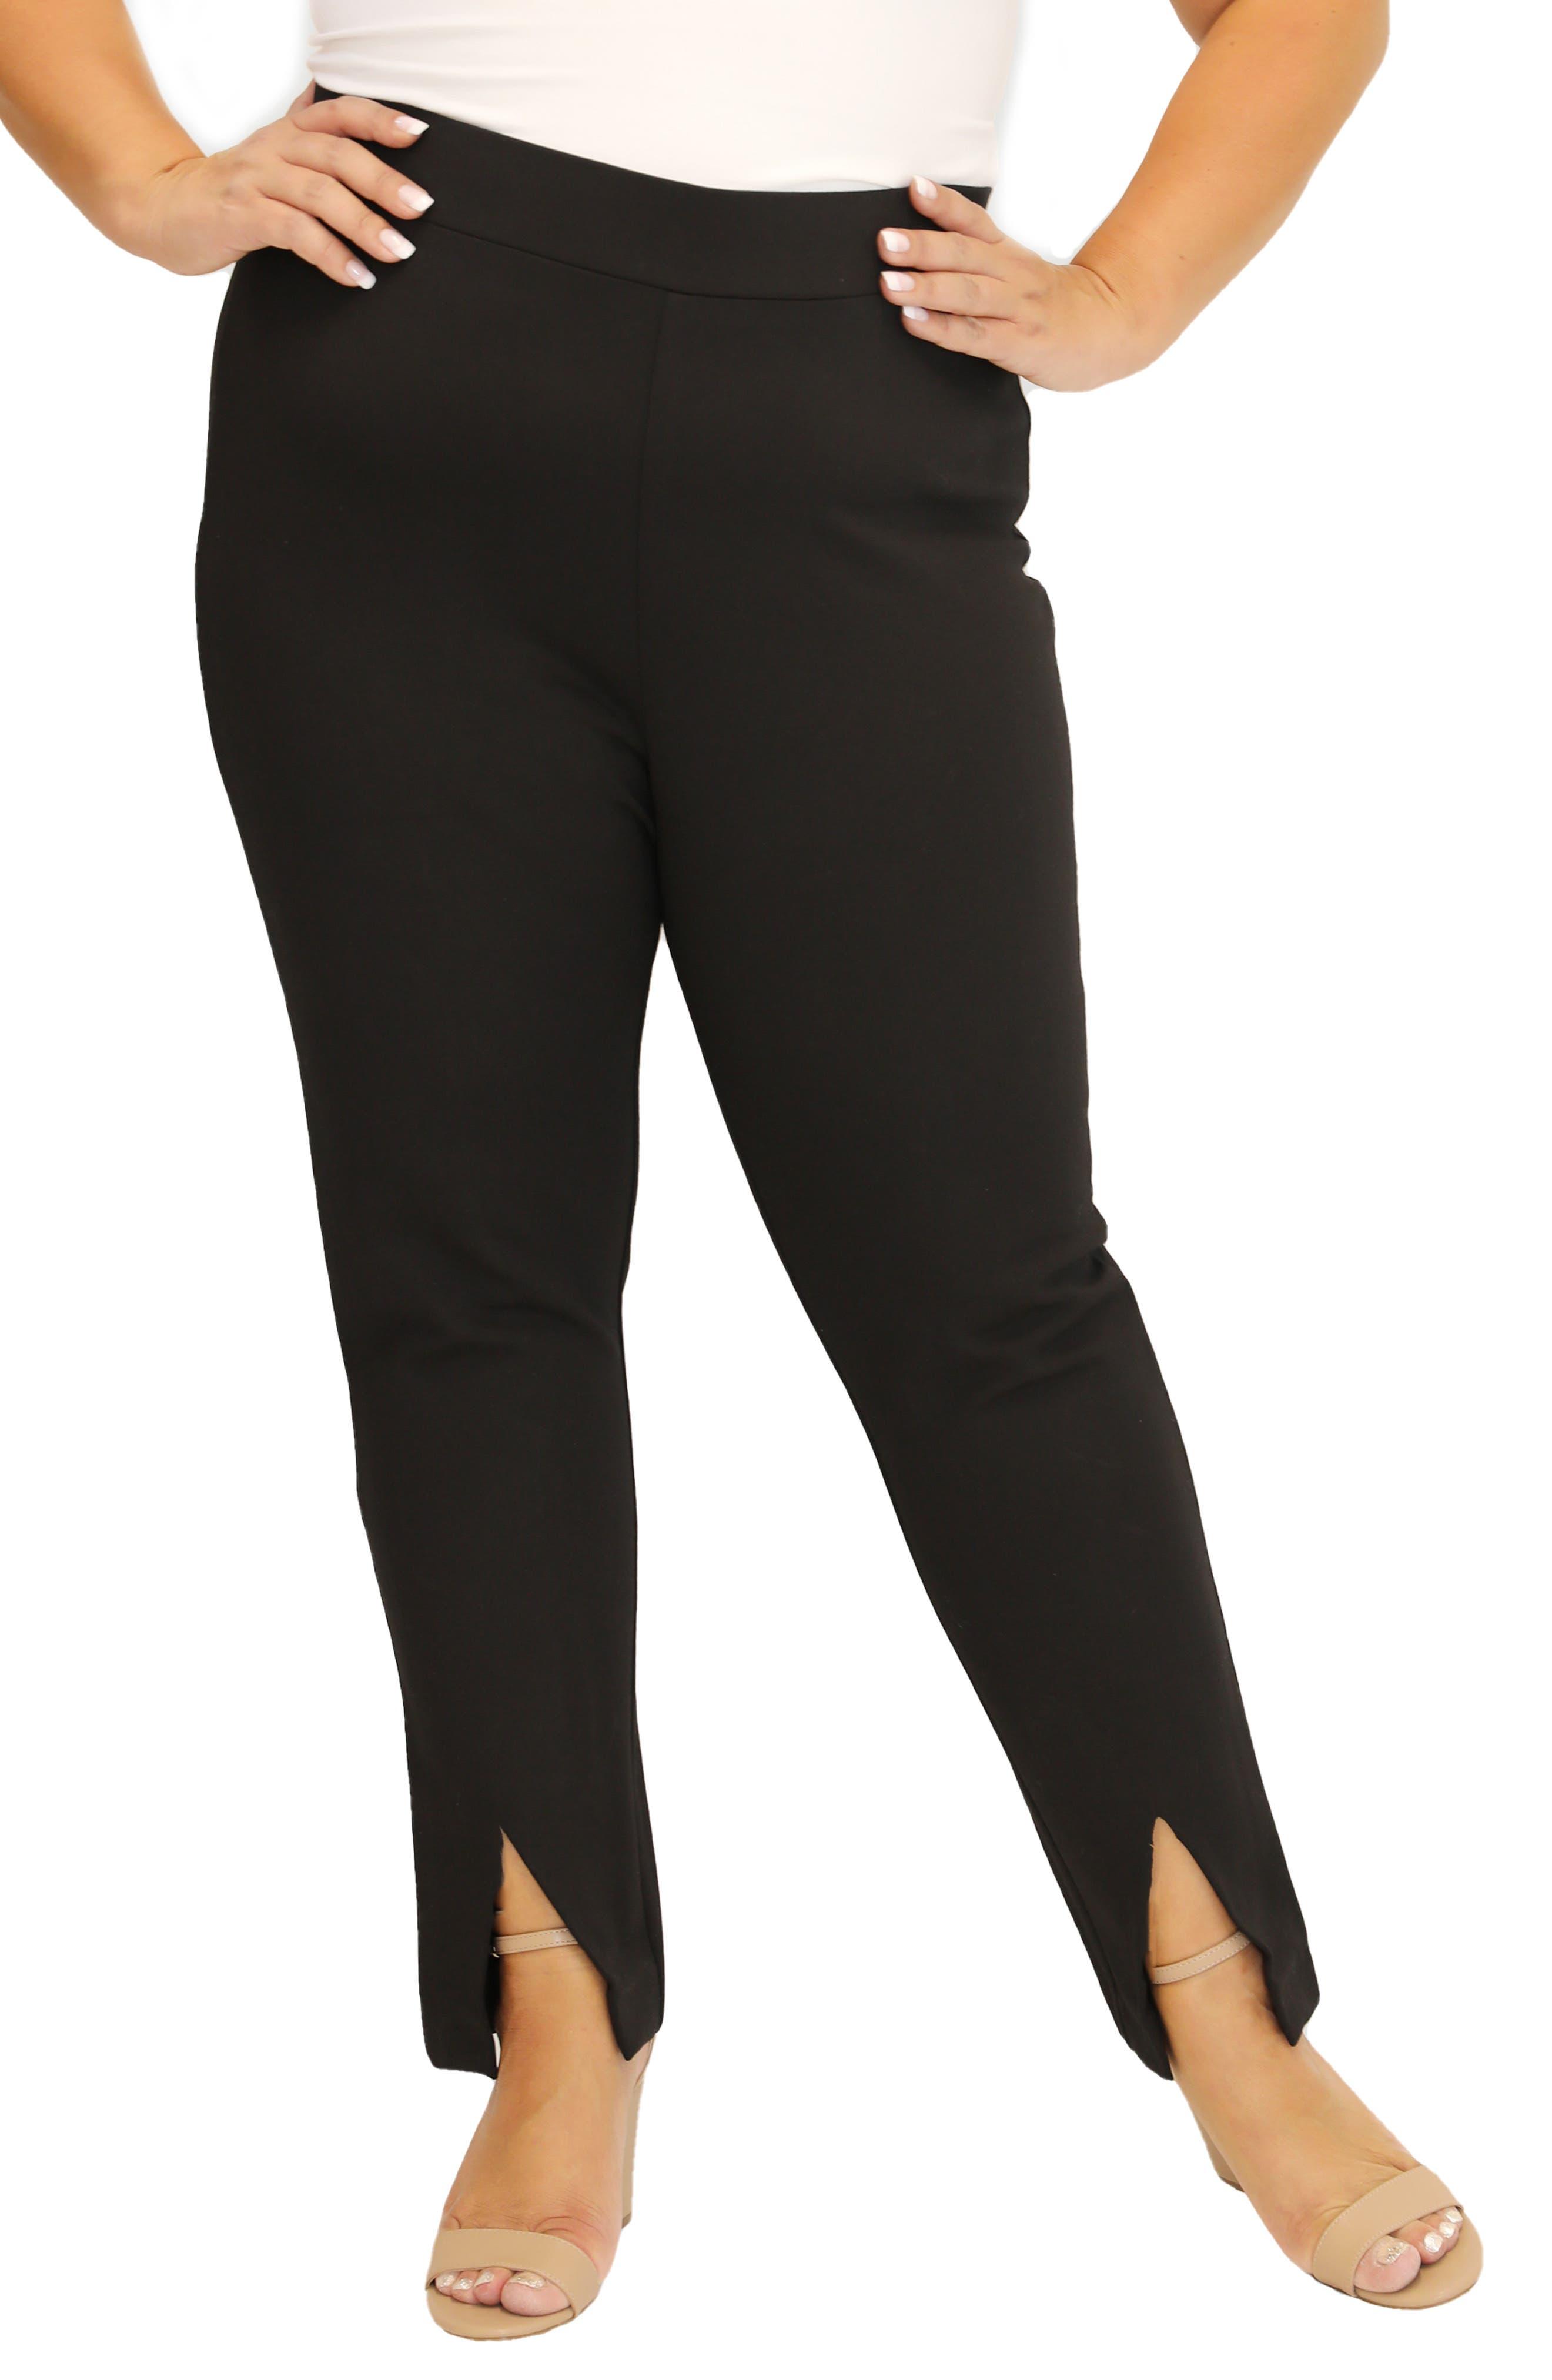 Slit Cuff Compression Pants